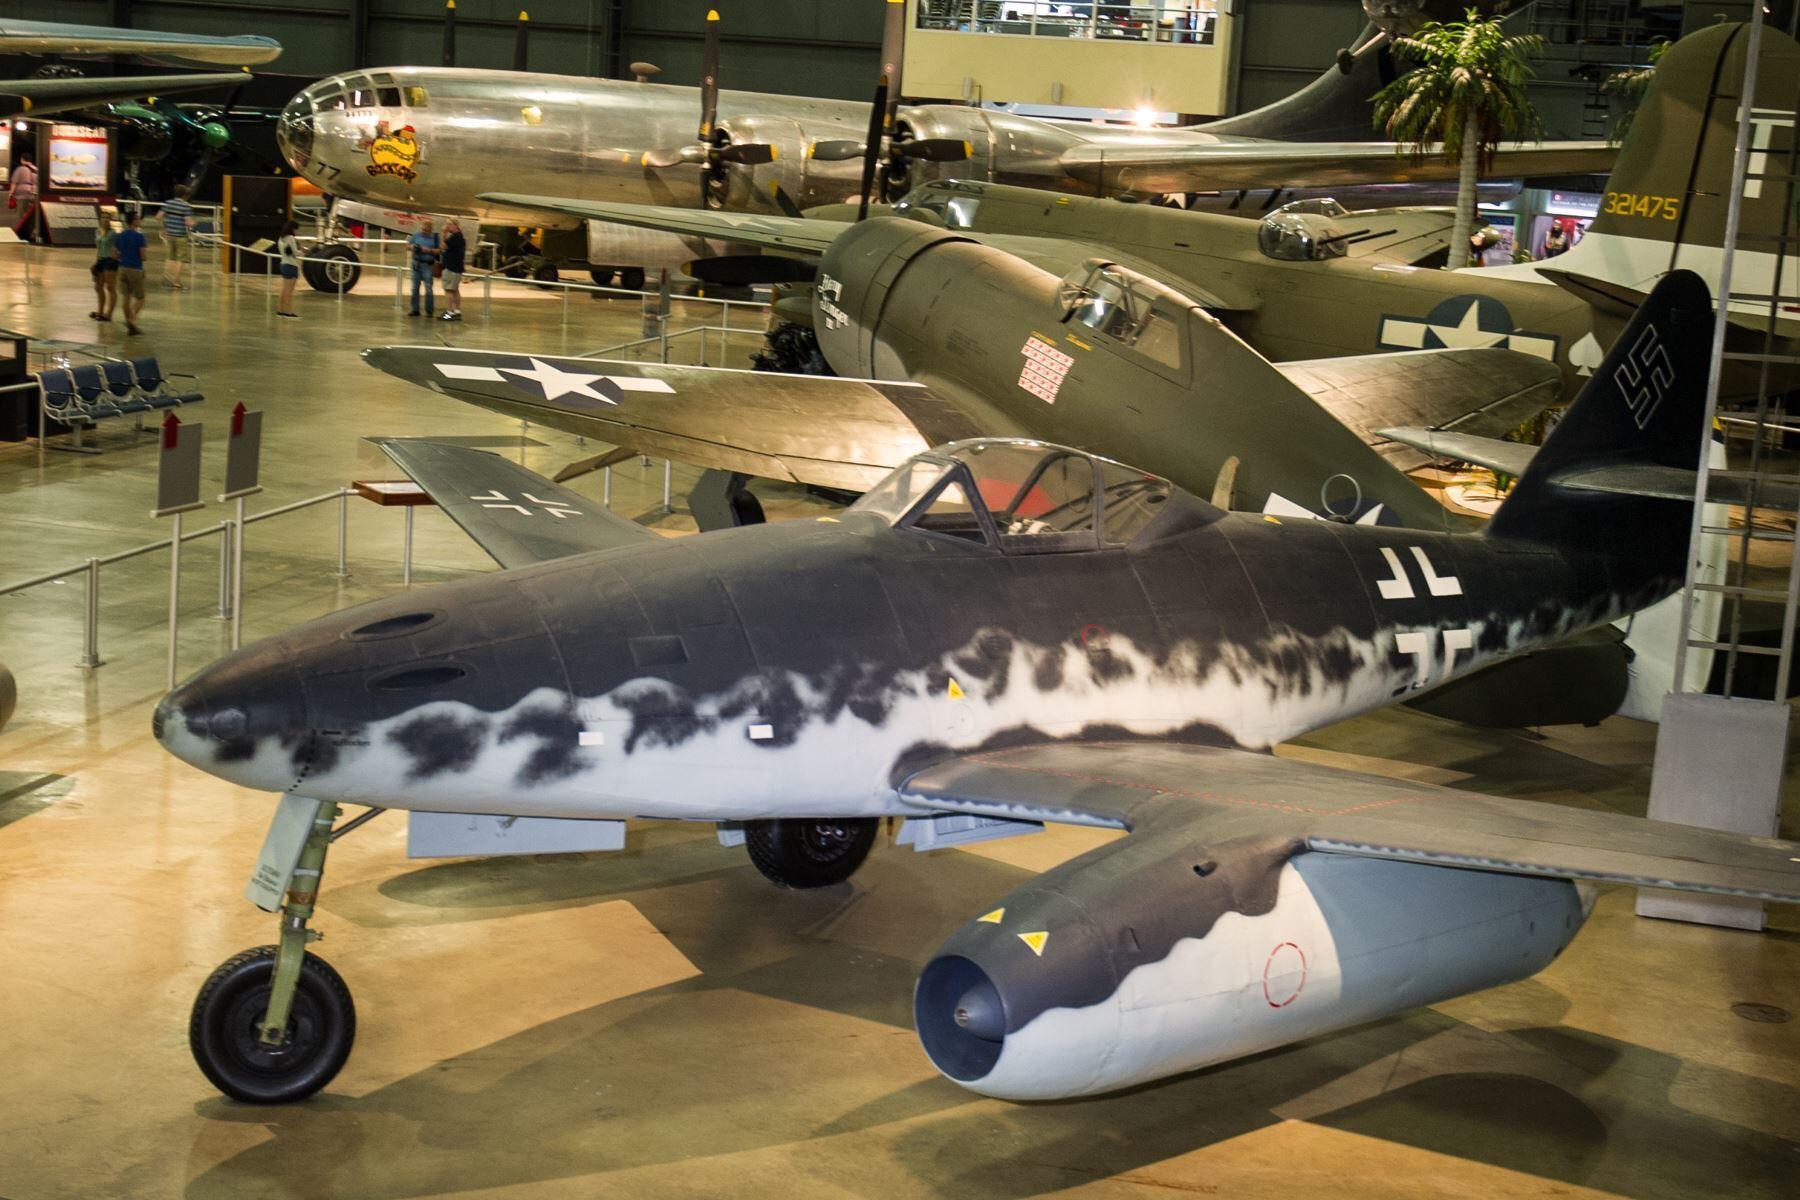 ボード「THE NATIONAL MUSEUM OF THE US AIR FORCE , DAYTON OHIO」のピン